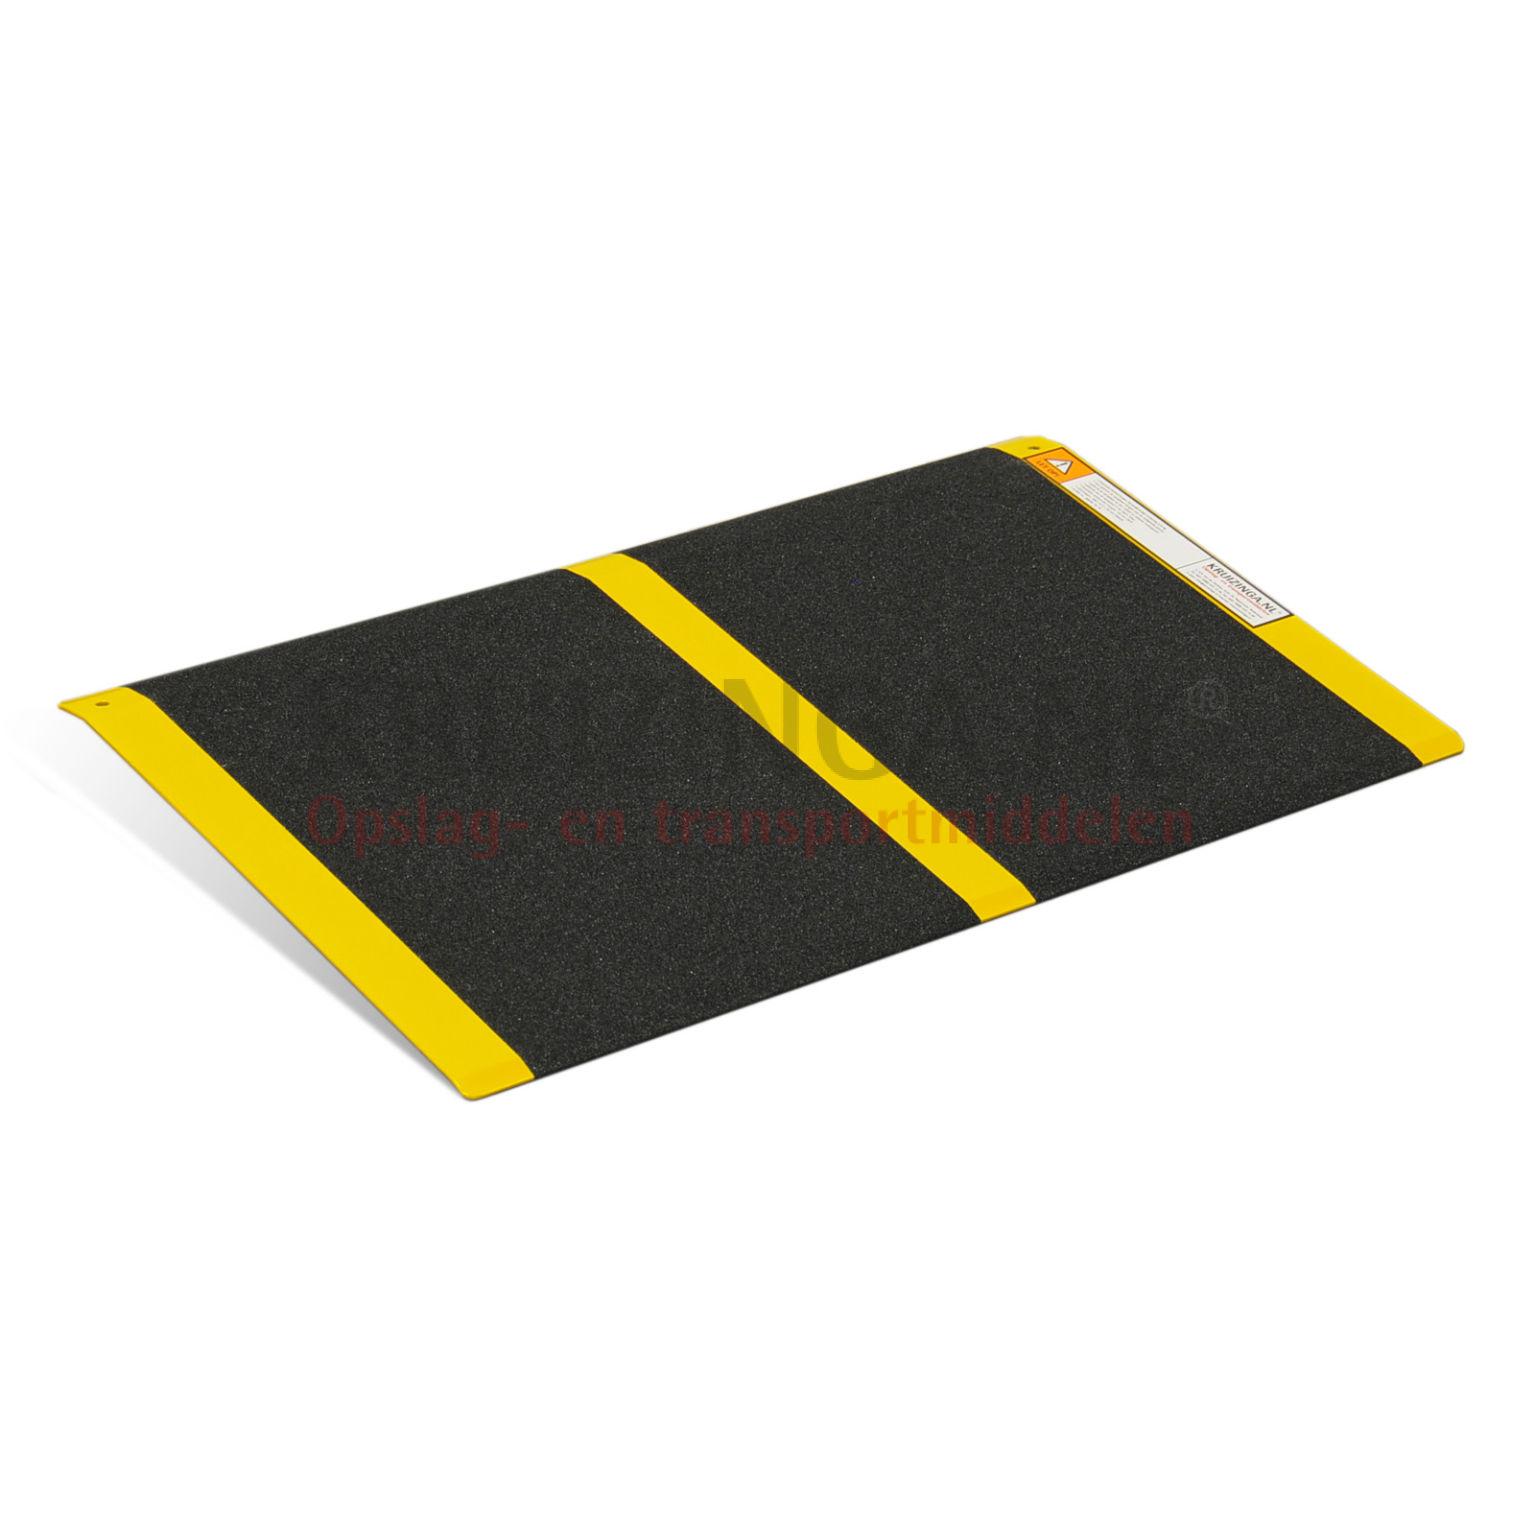 verladeschienen auffahrrampen schwellenplatte aluminium 1 bis 3 cm ab 68 75 frei haus. Black Bedroom Furniture Sets. Home Design Ideas